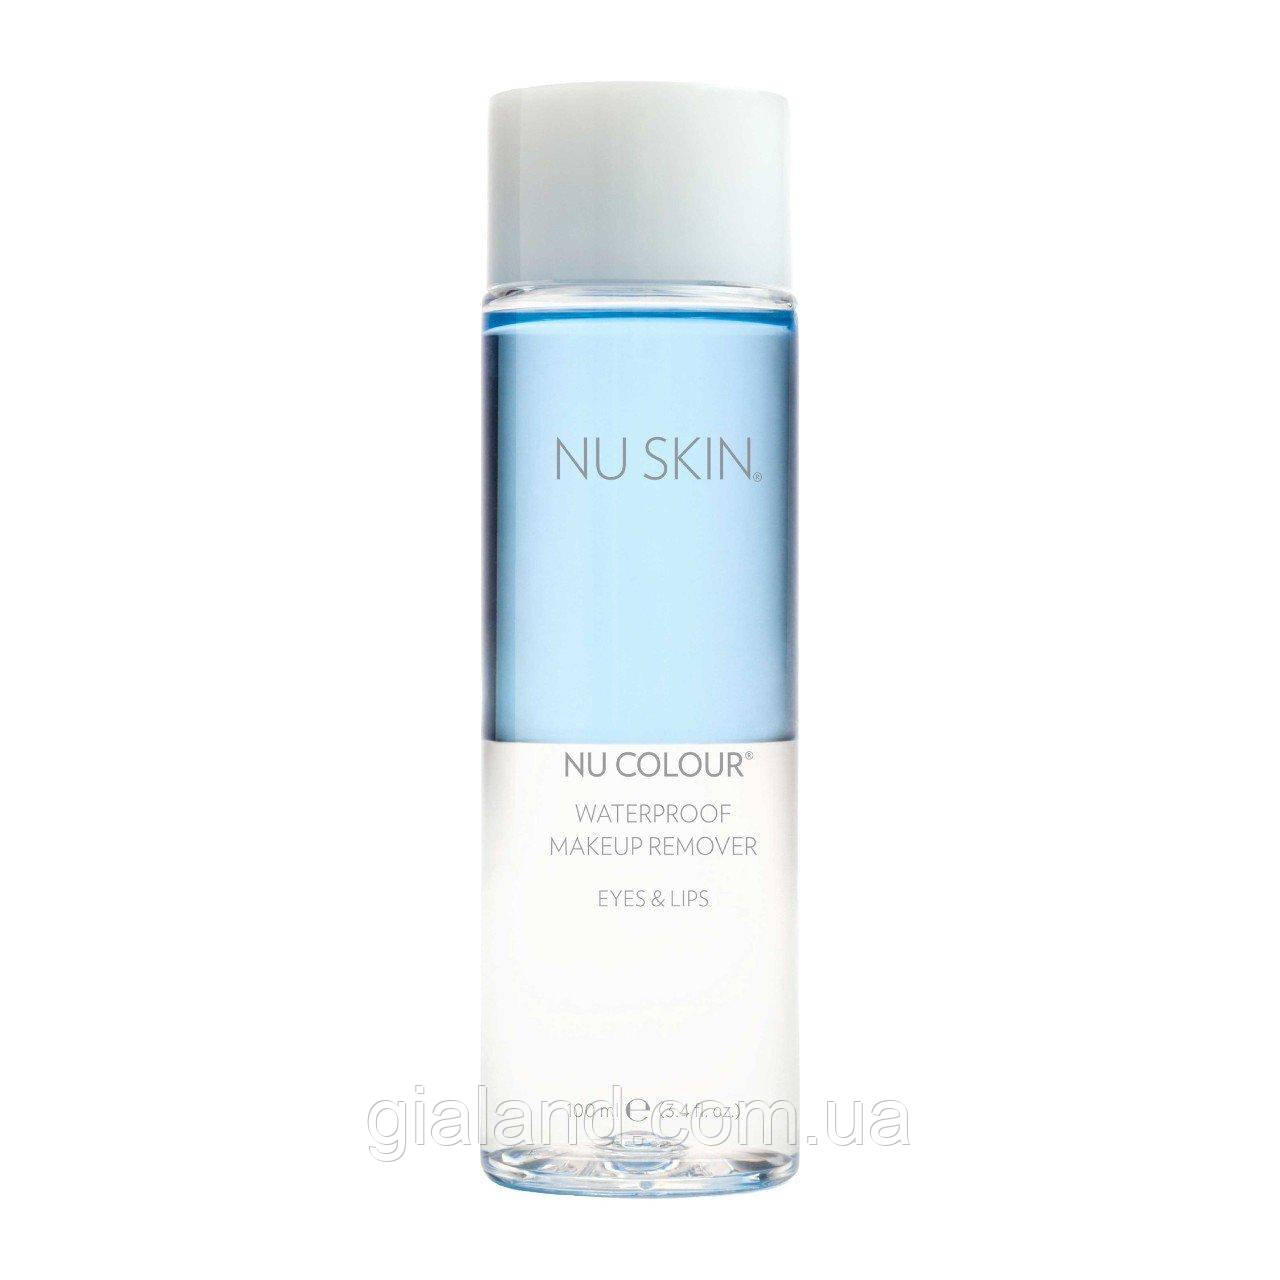 Nu Skin Засіб для видалення водостійкого макіяжу Nu Colour Waterproof Makeup Remover